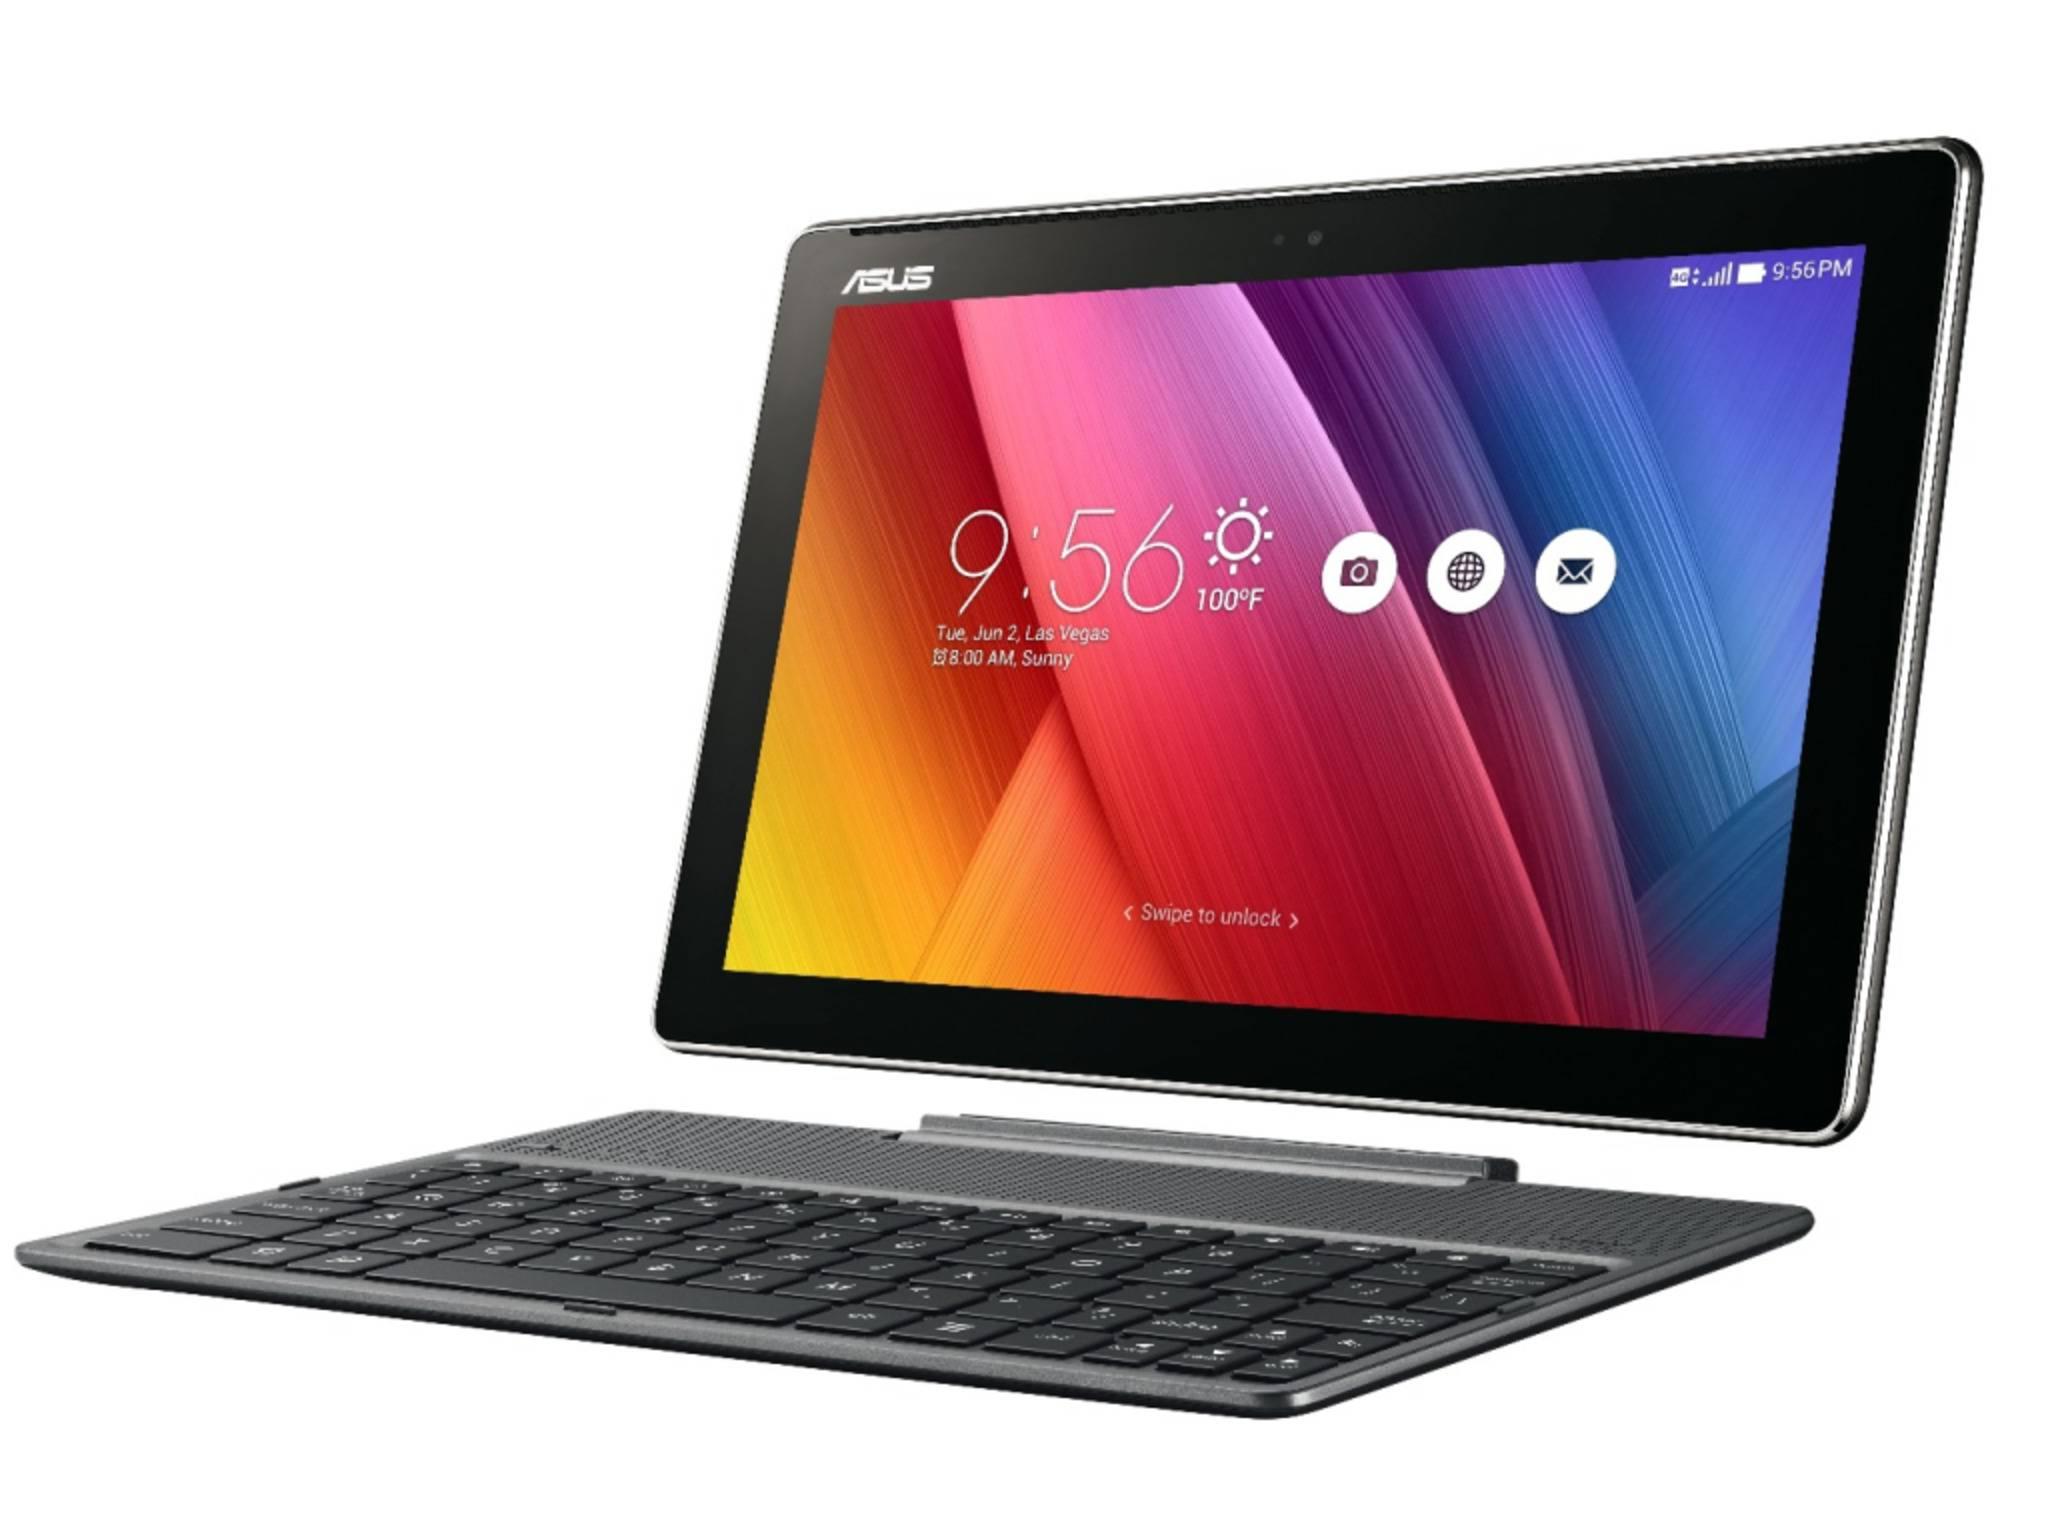 Zum mobilen Arbeiten empfiehlt sich das Asus ZenPad 10.